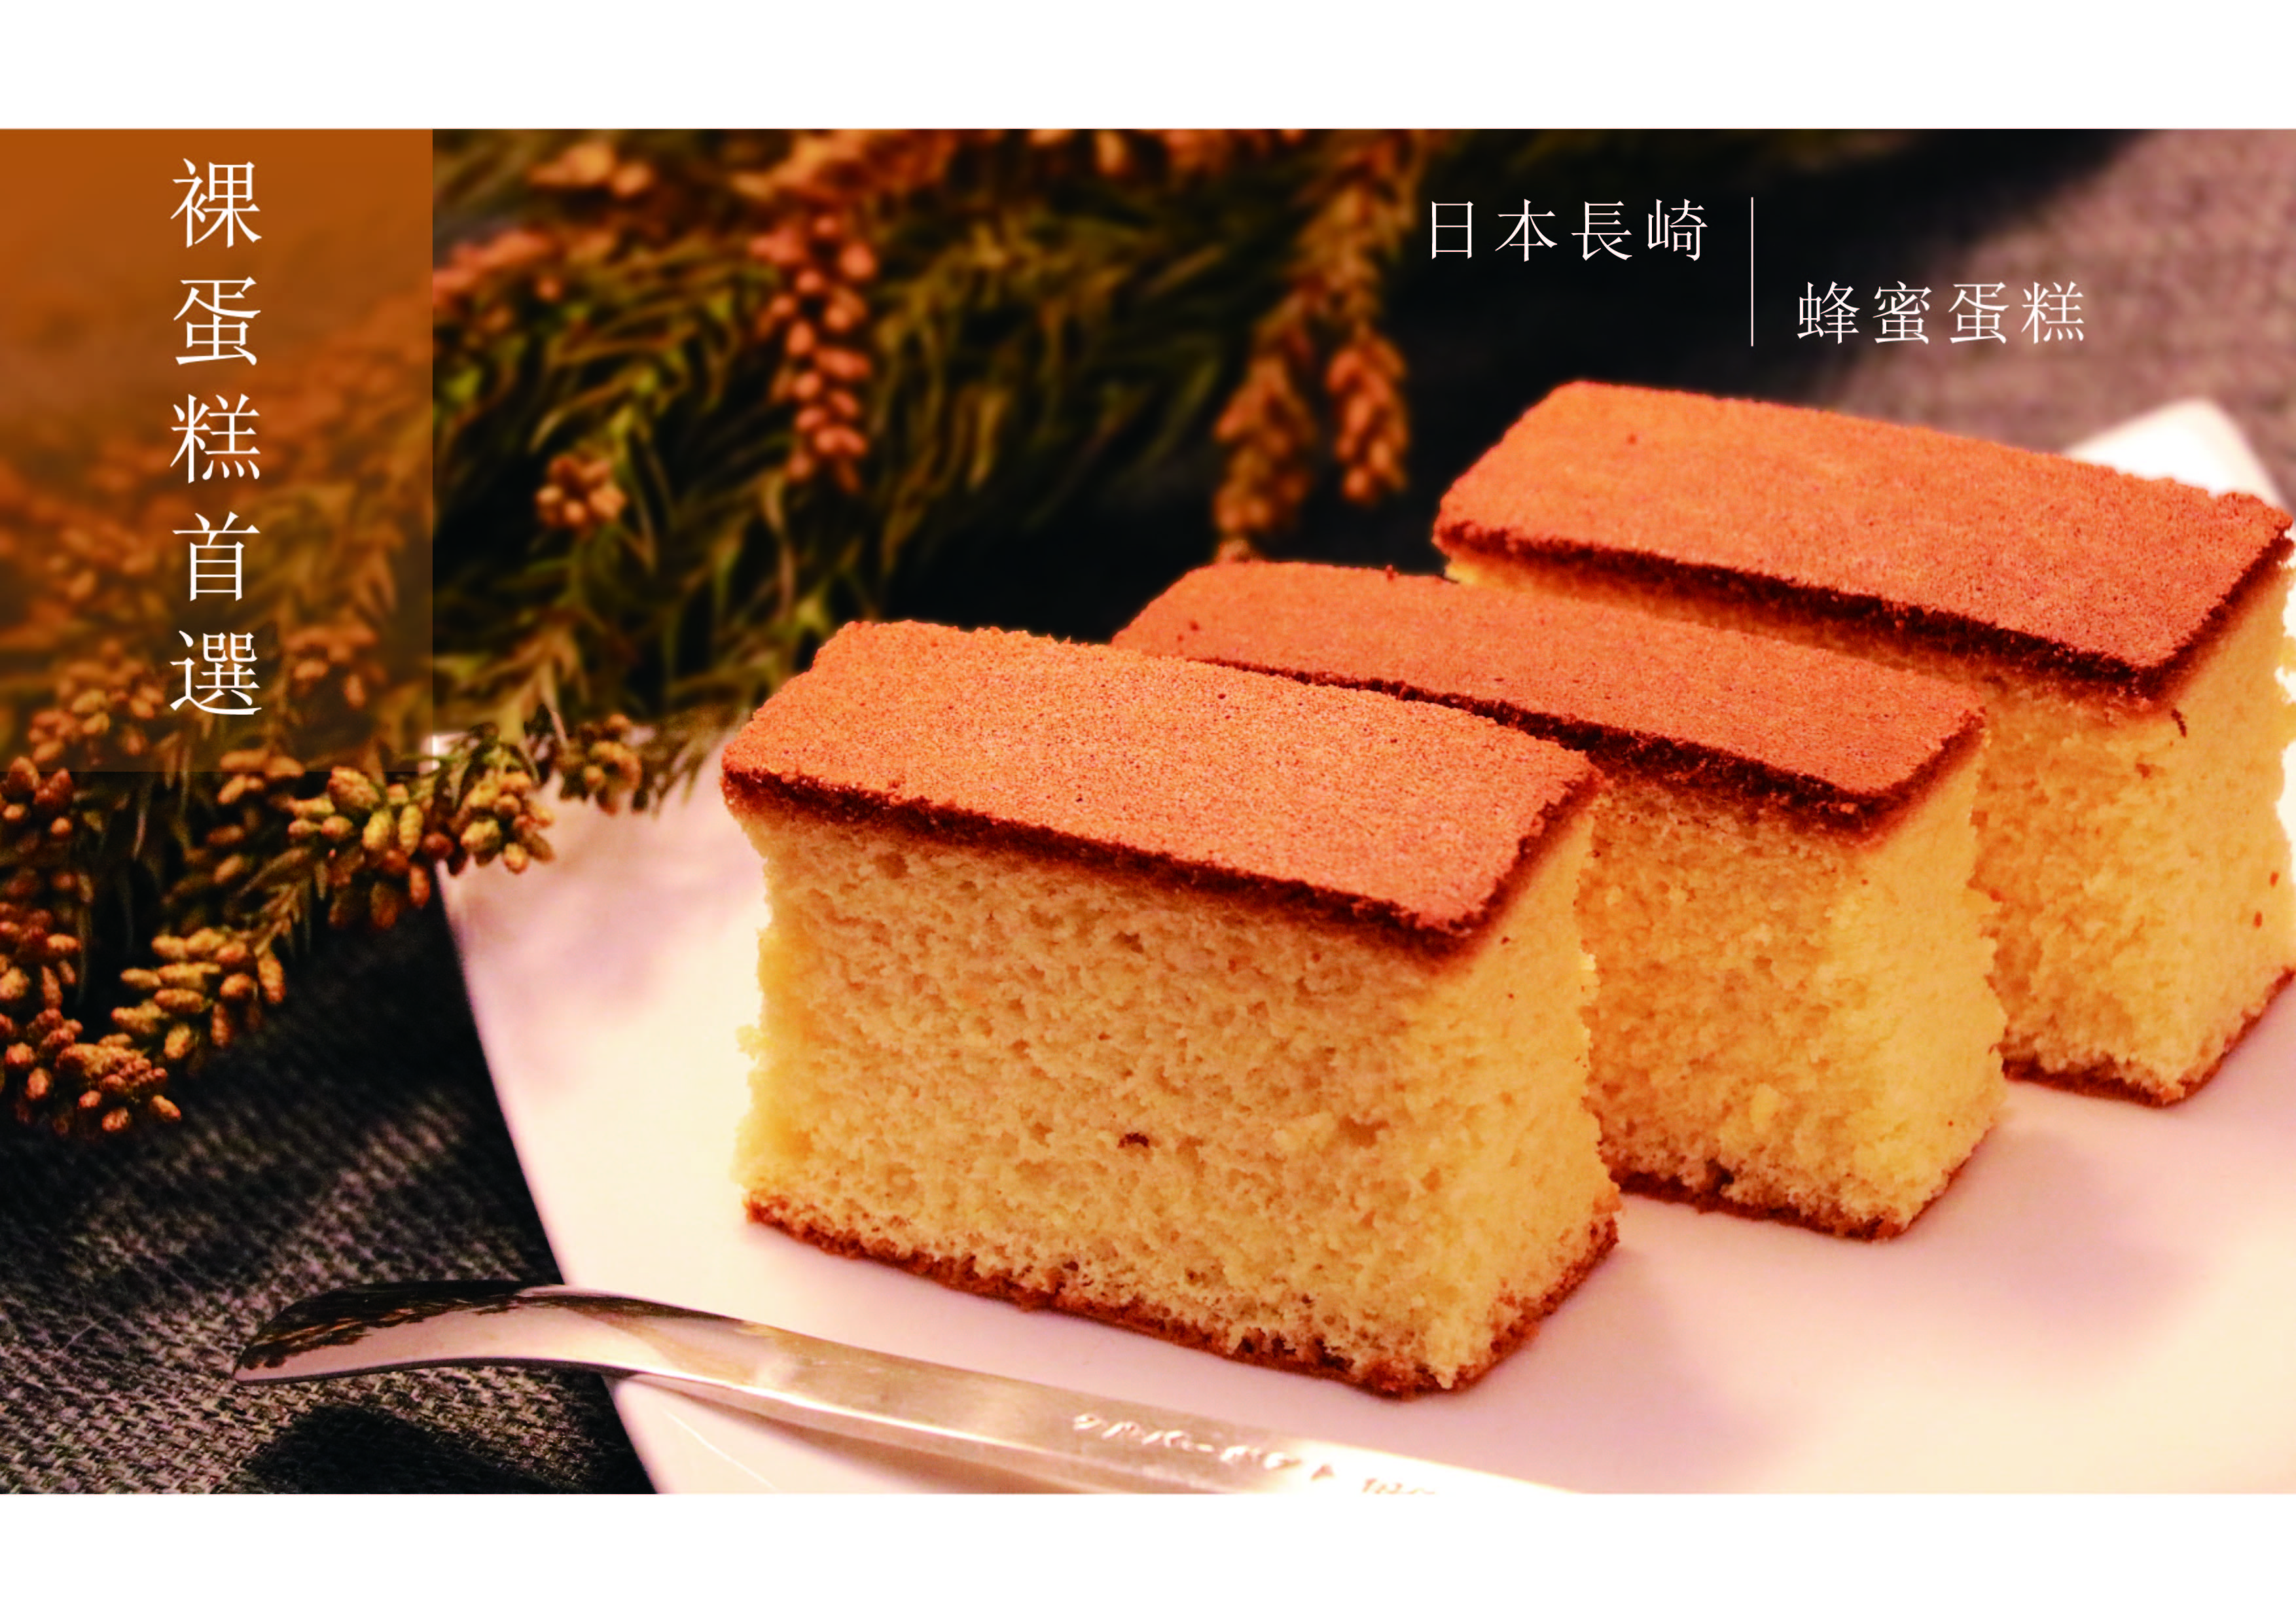 長崎蜂蜜蛋糕  -  新手適用詳解